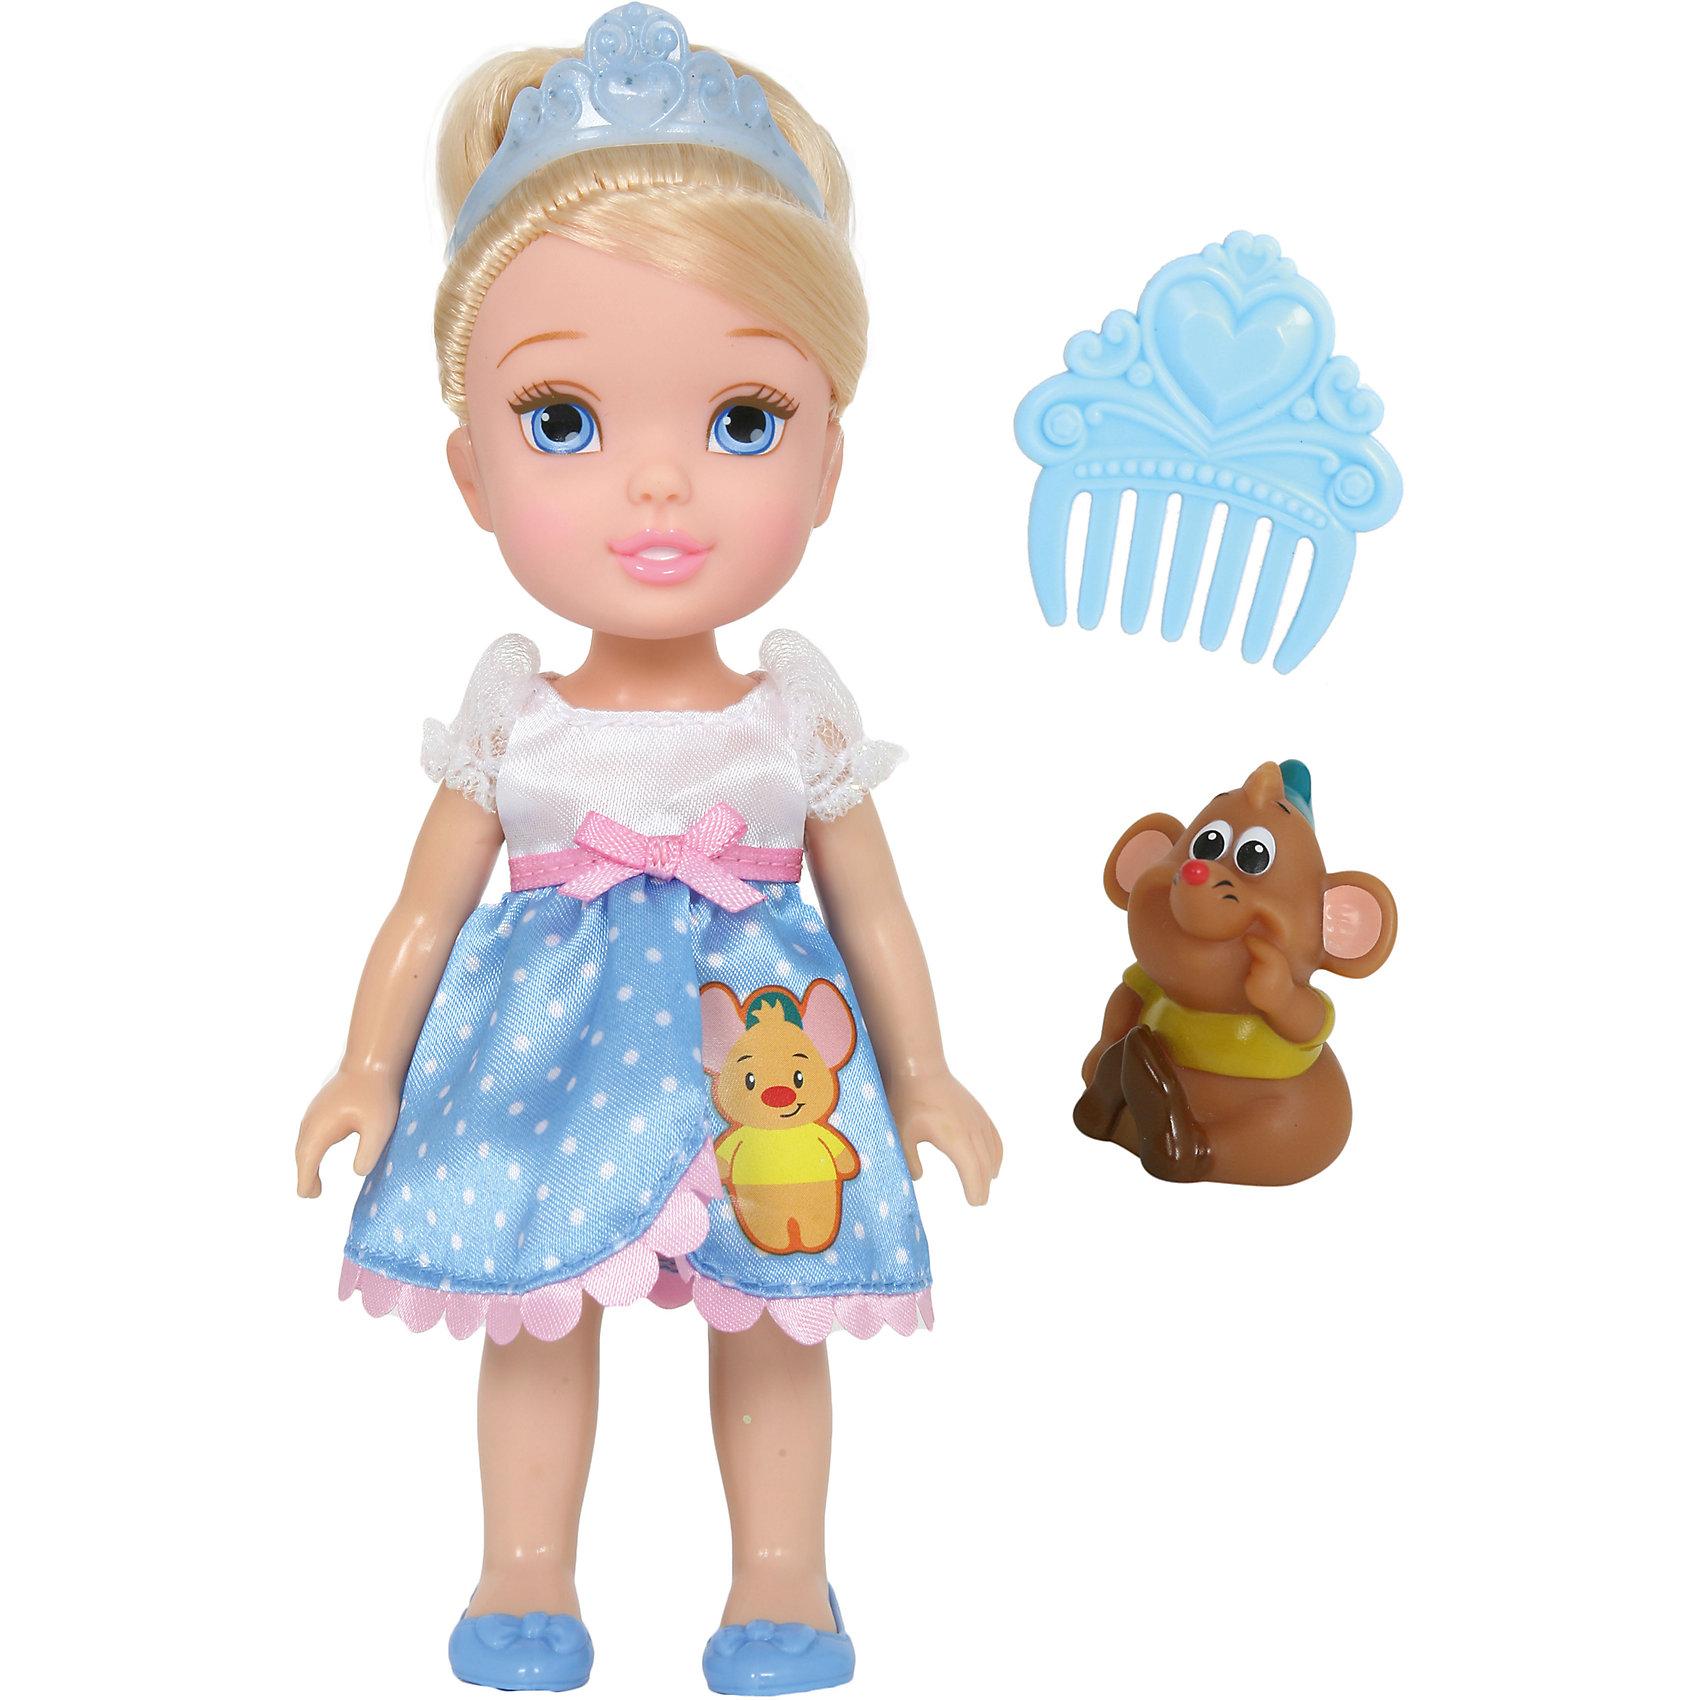 Disney Кукла  Малышка с питомцем: Золушка, 15 см, Disney Princess кукла золушка 7 5 см принцессы дисней